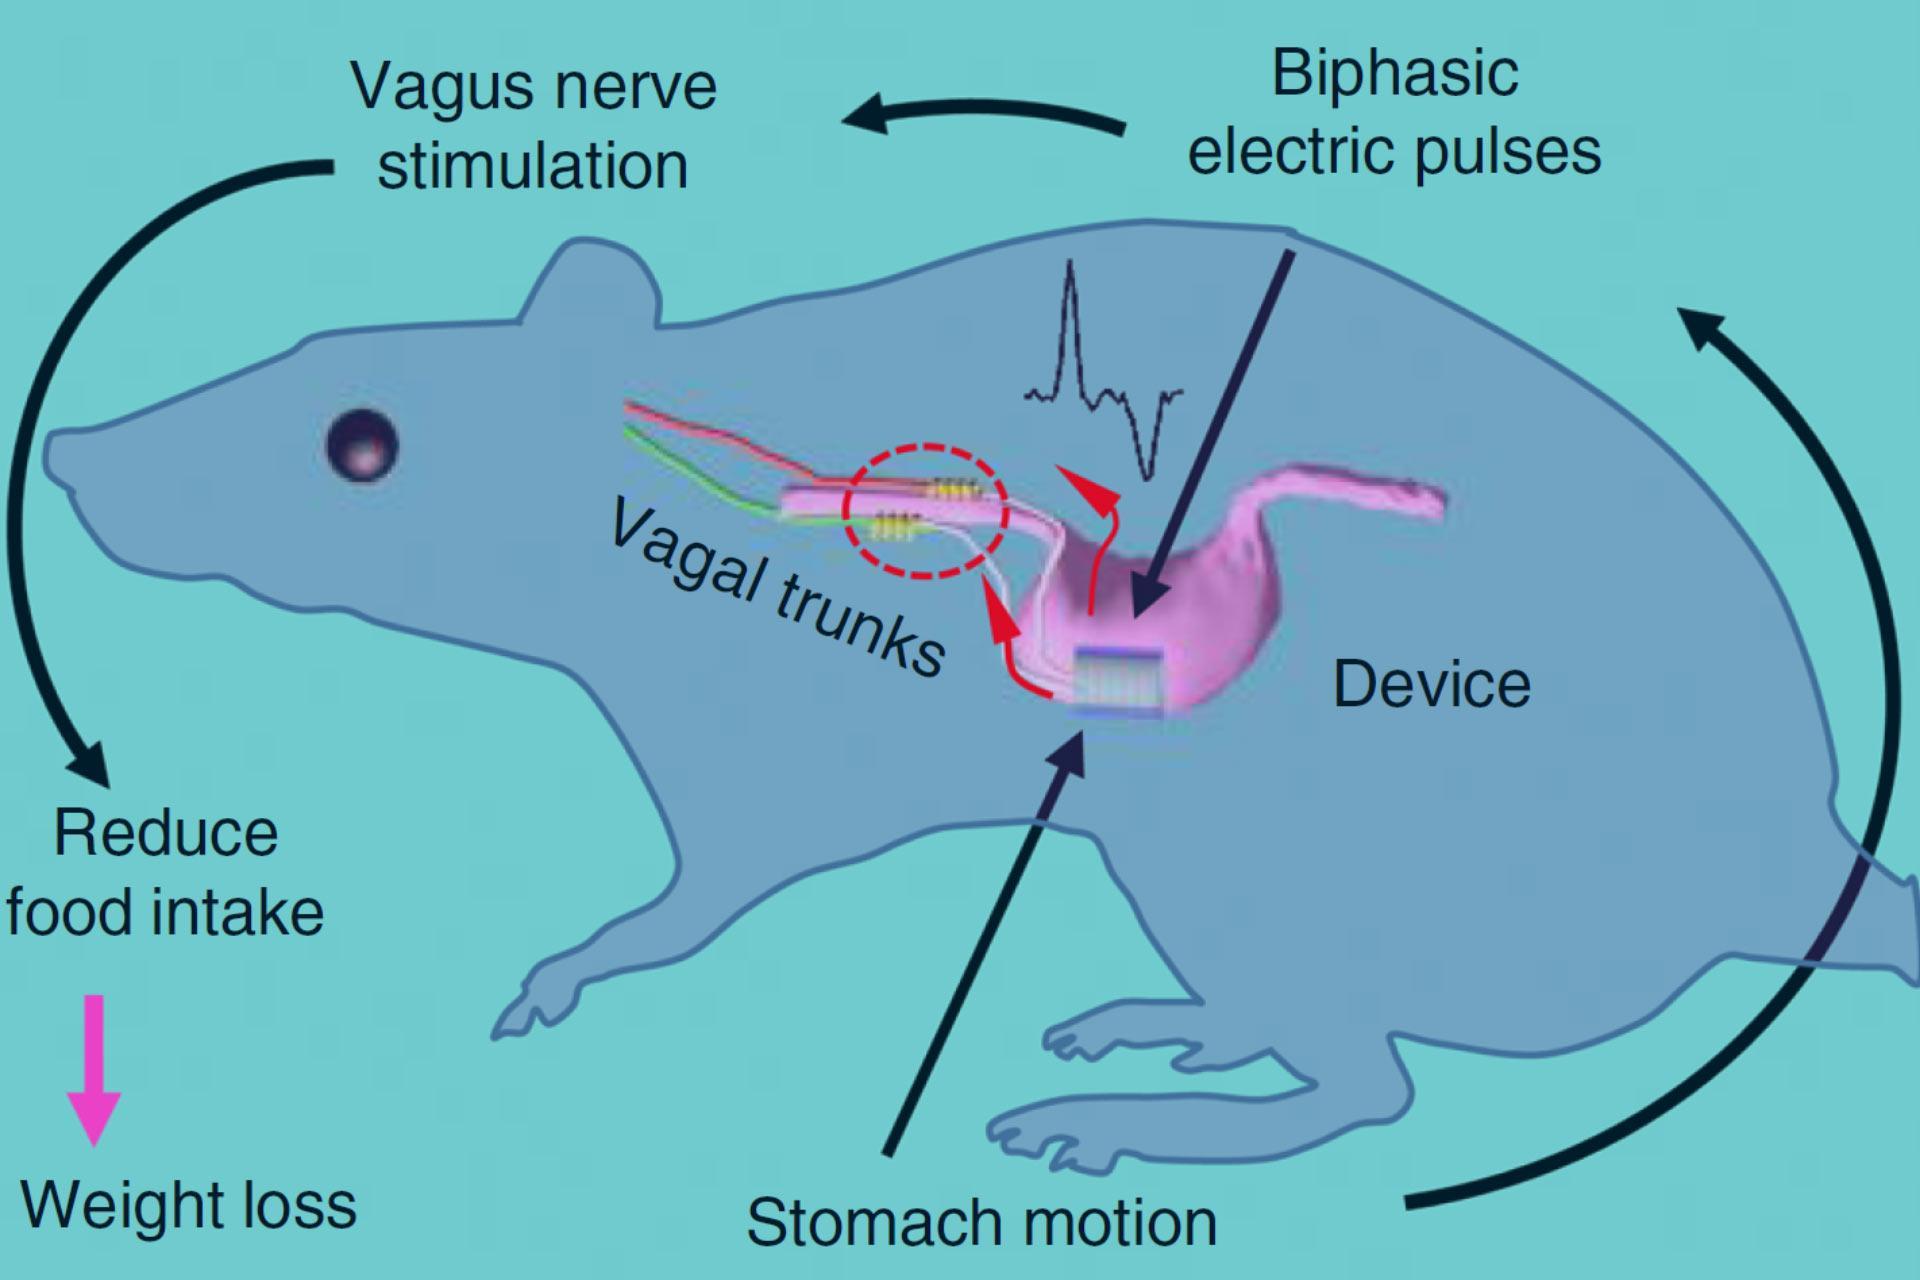 Сенсор в желудке подаст сигнал о сытости и поможет не растолстеть